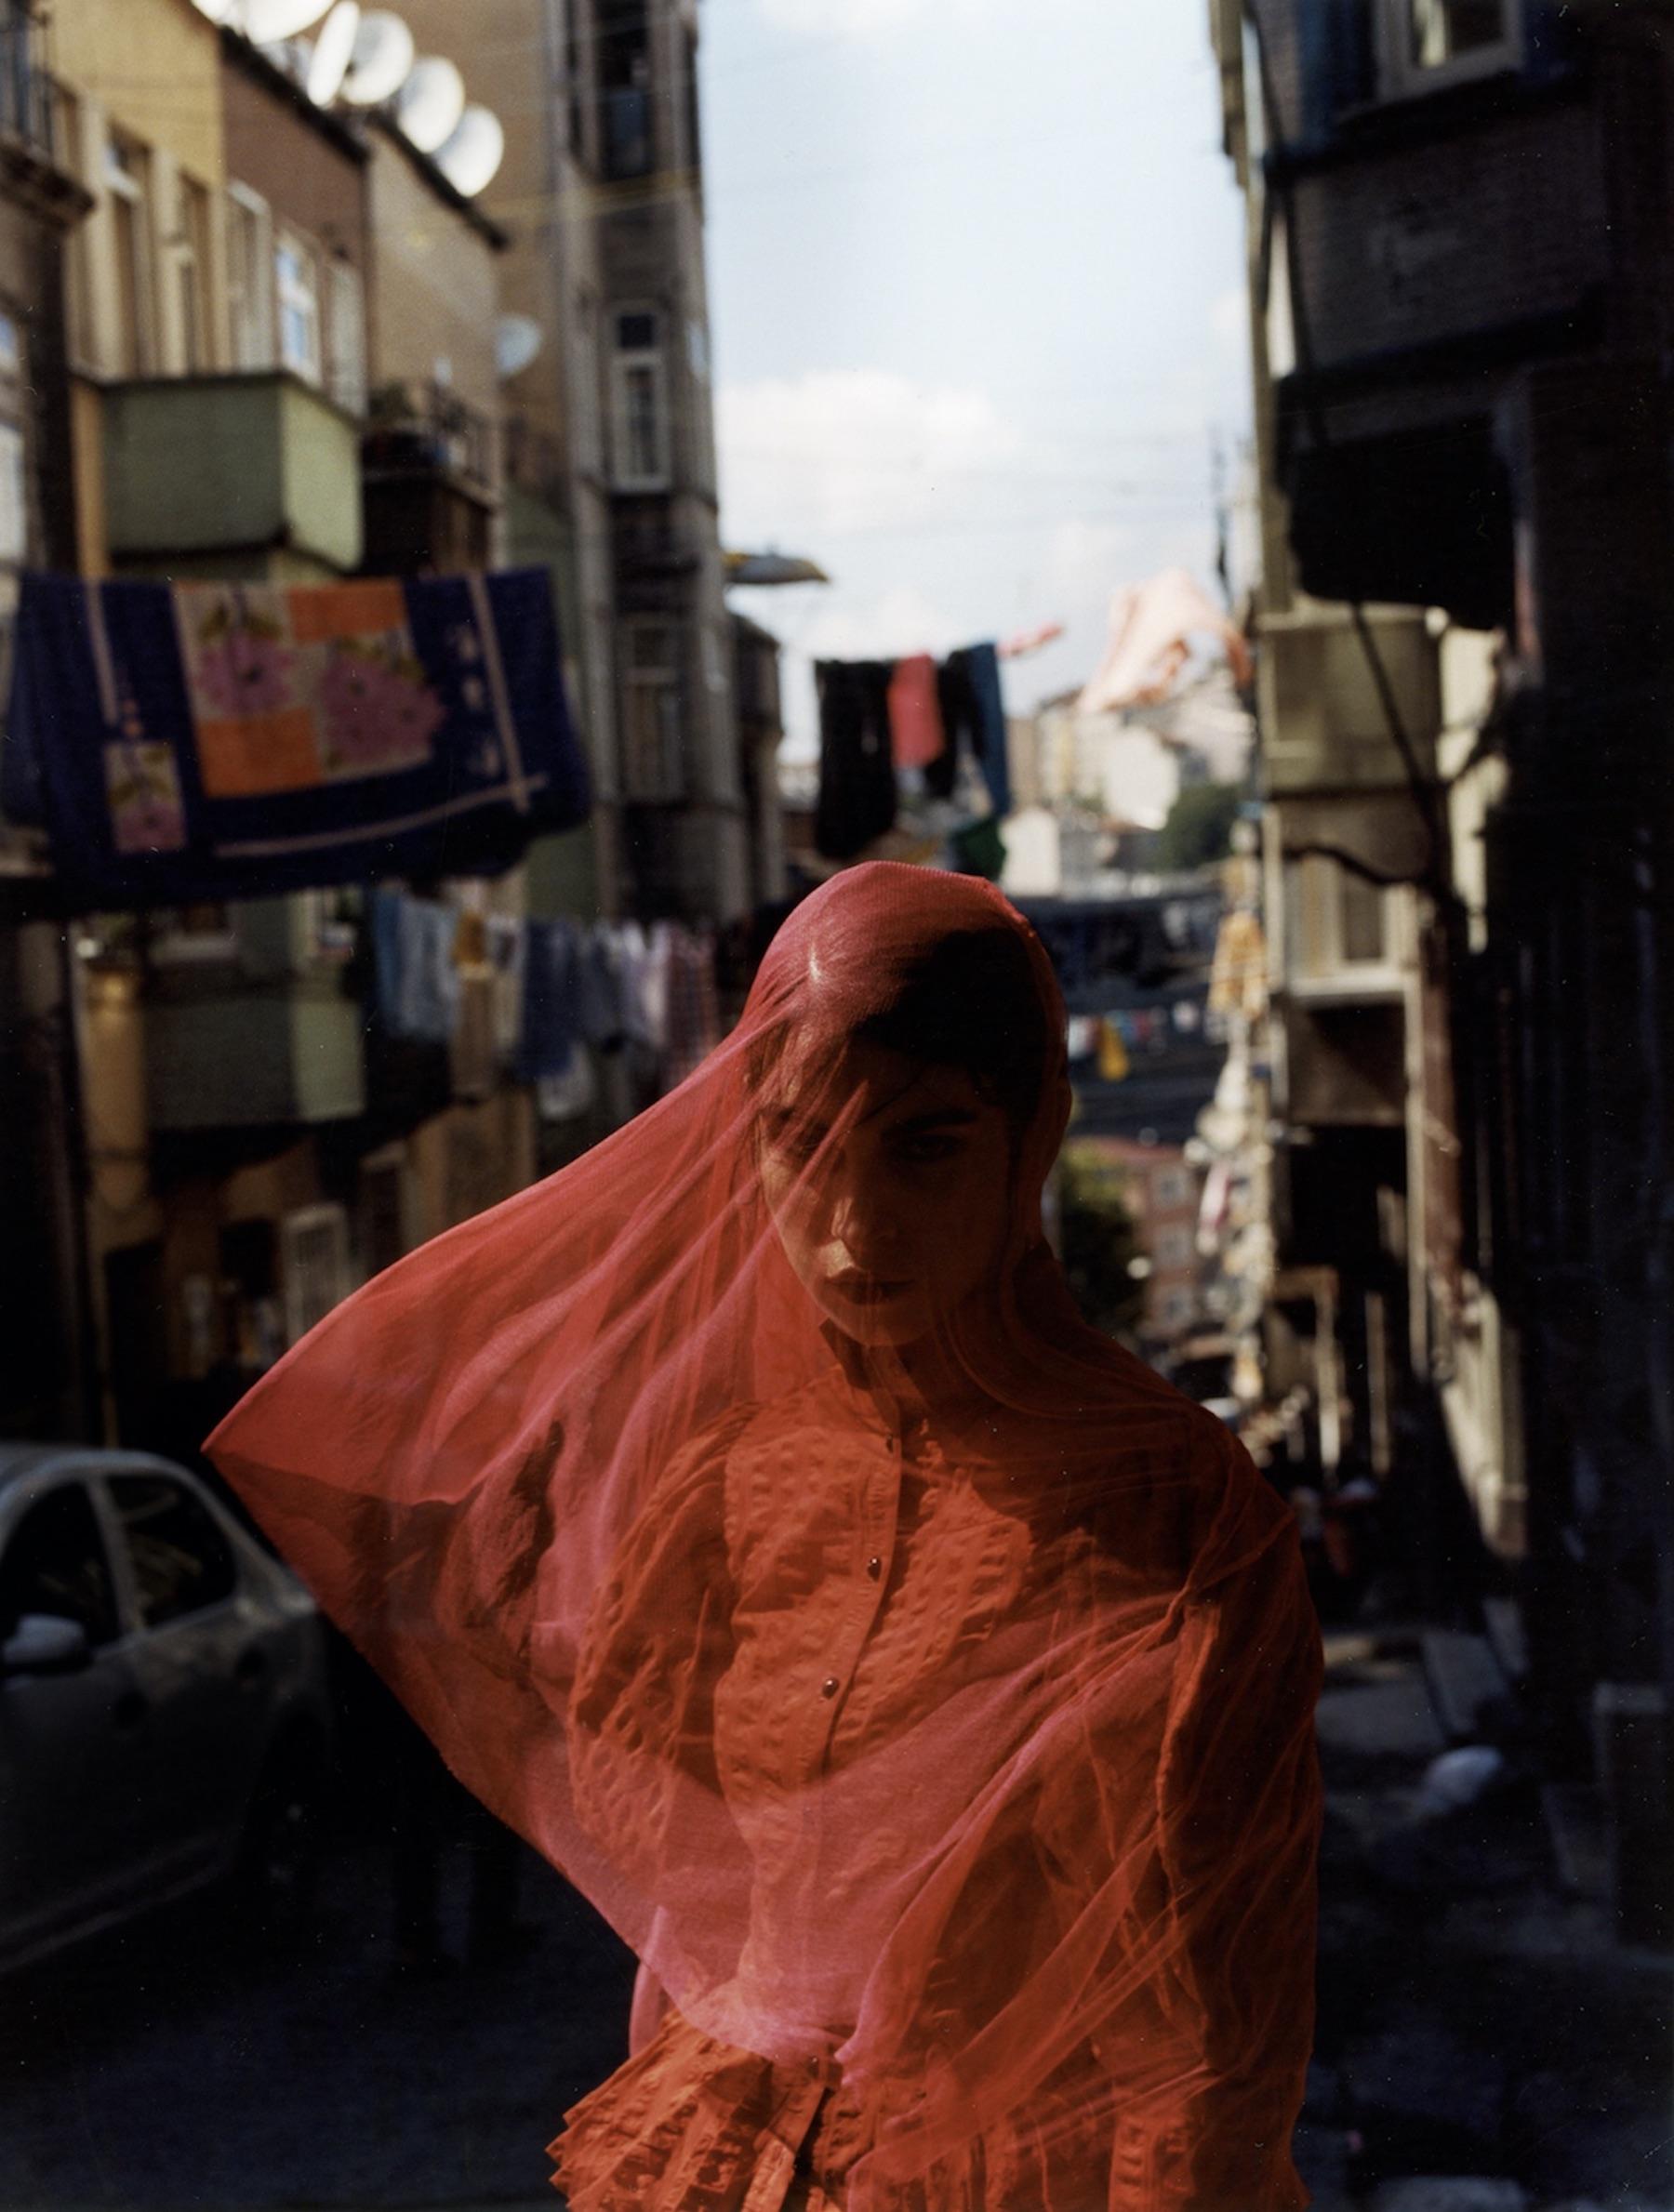 Sam Nixon cattura la femminilità nellesue fotografie di moda | Collater.al